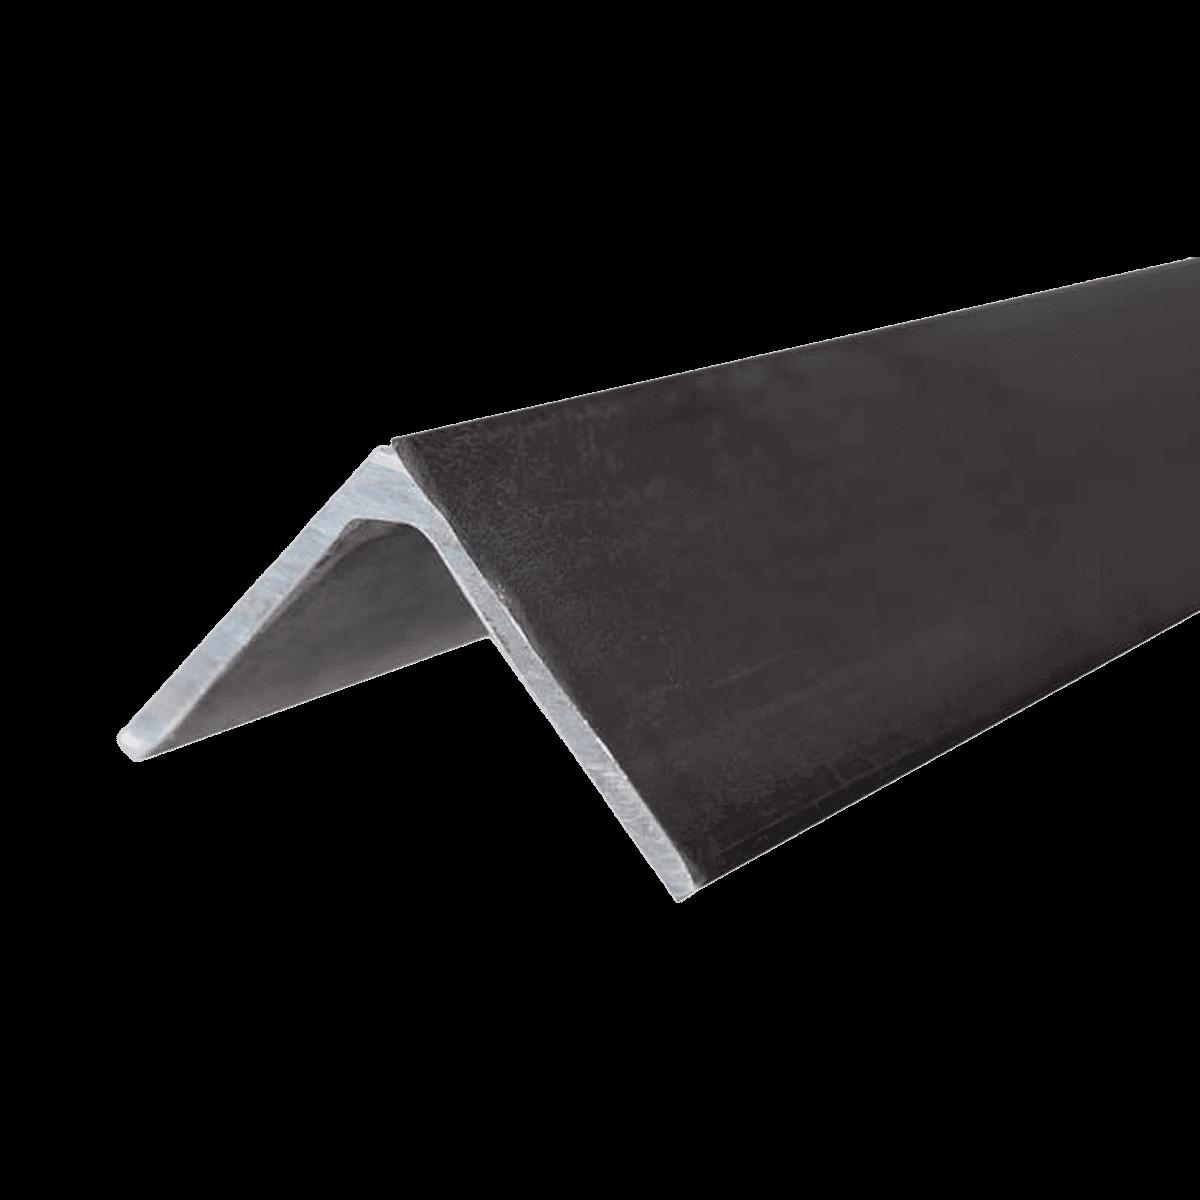 ANGULAR 30x30x5mmx6m PTN